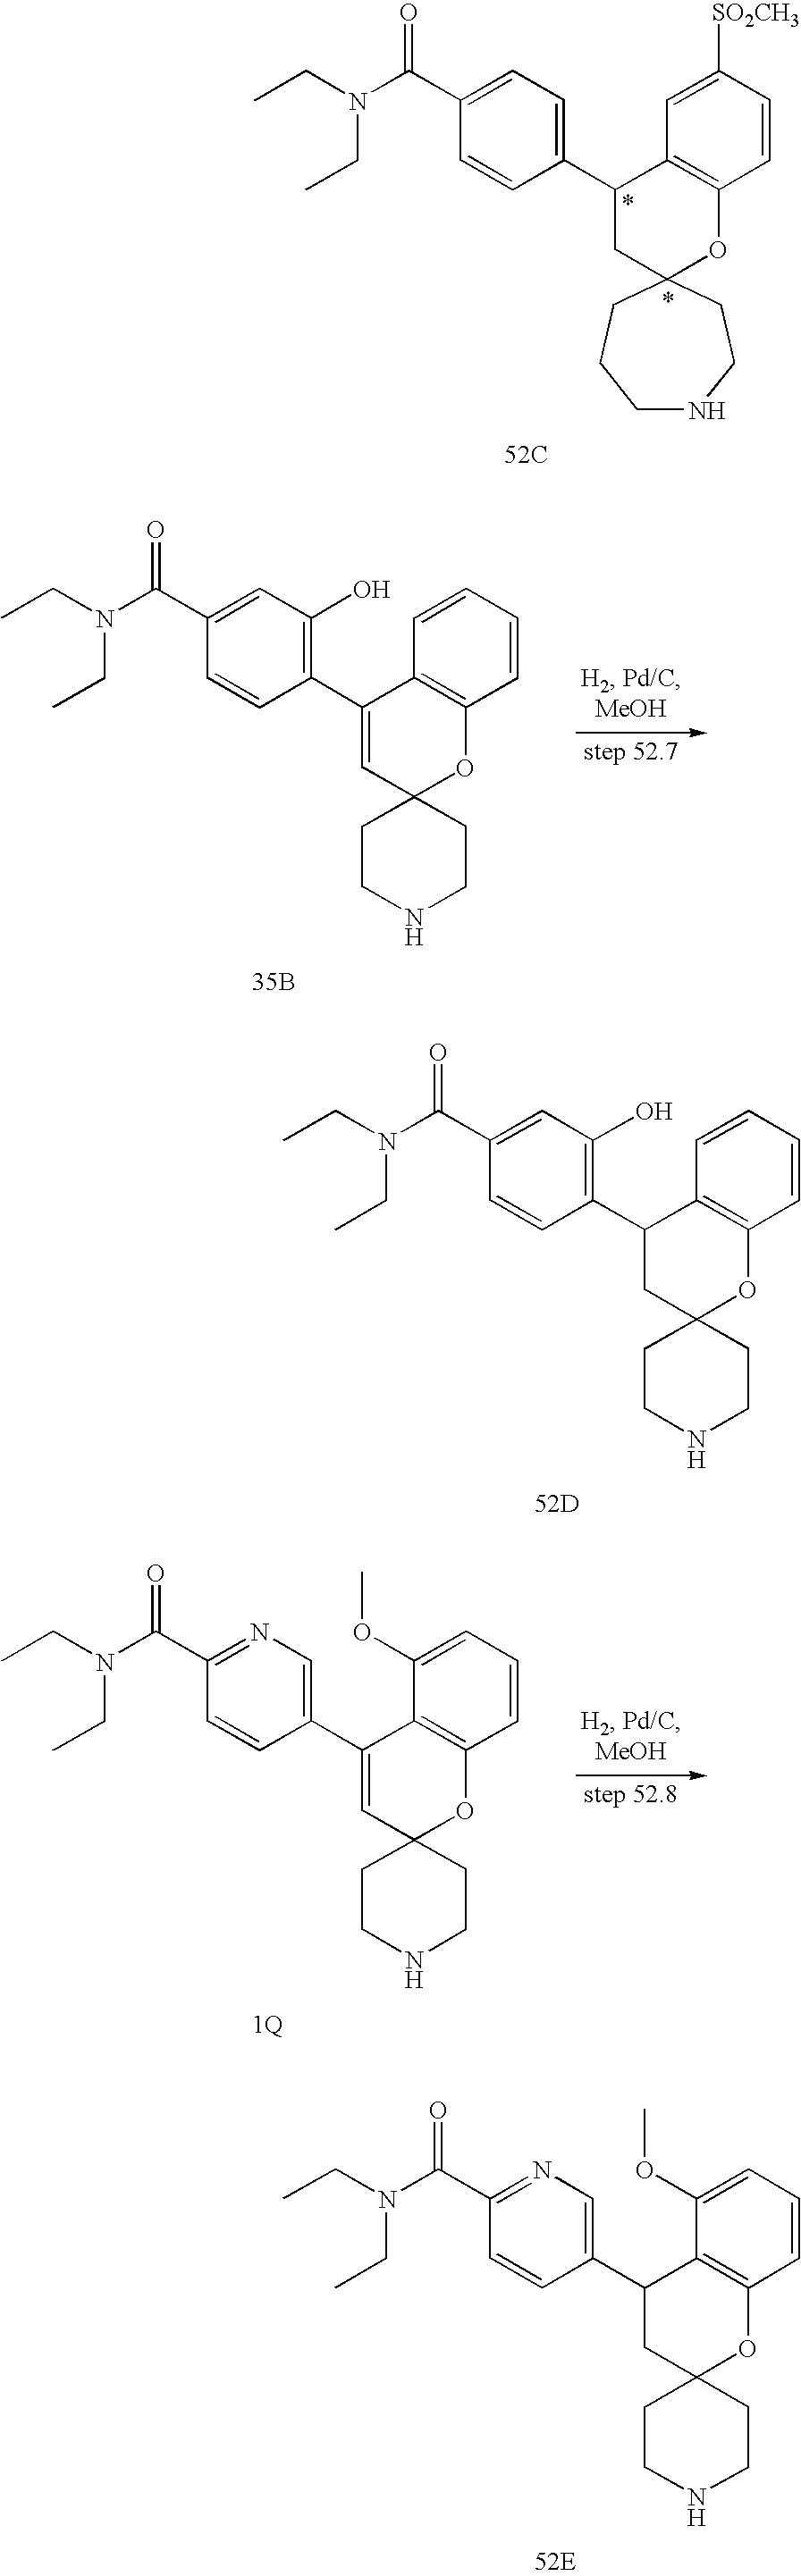 Figure US07598261-20091006-C00247